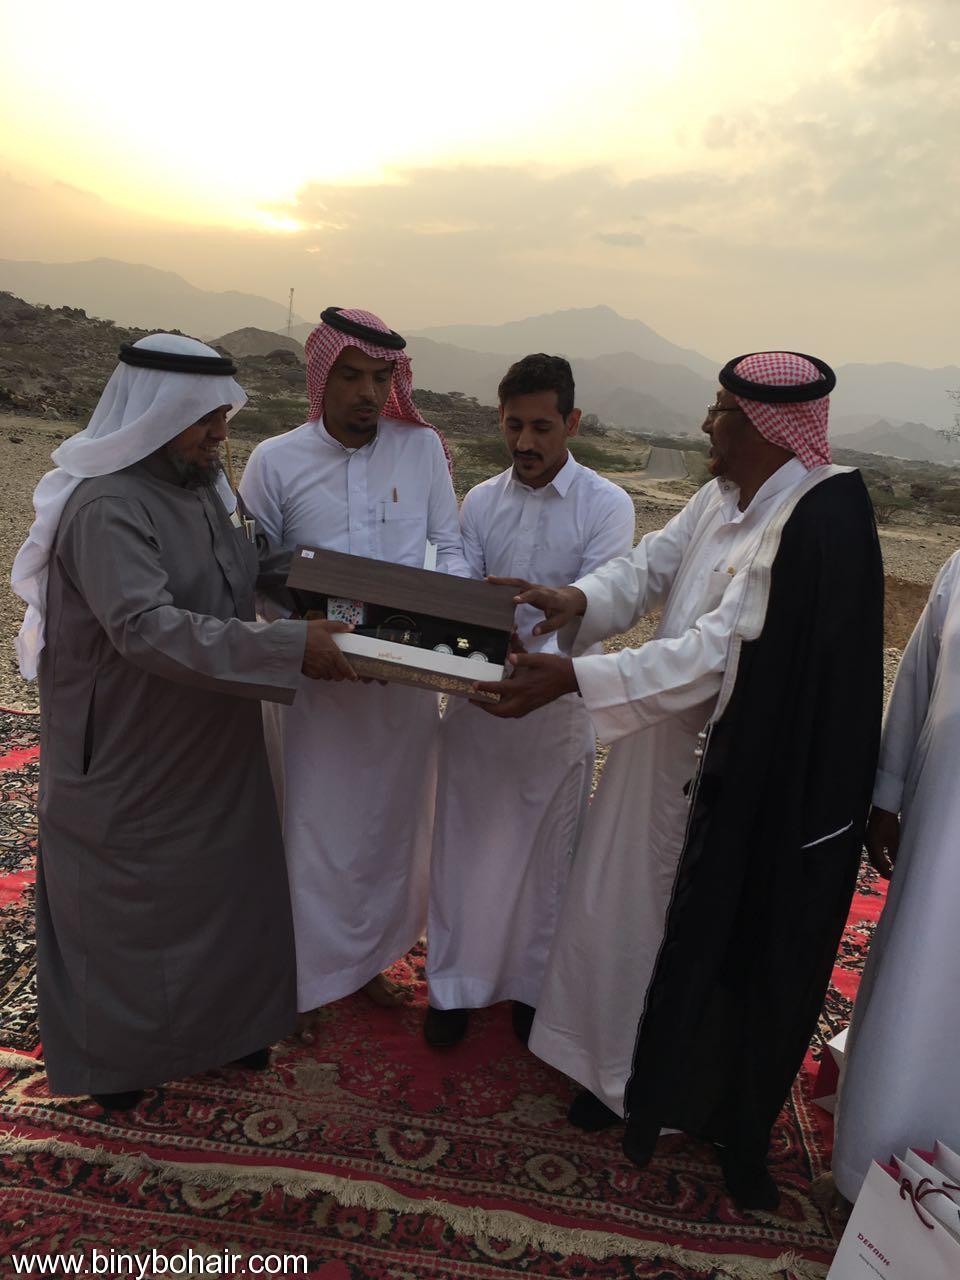 """عبدالله الحارثي وأبناؤة يكرمون الاستاذ"""" ft626067.jpg"""